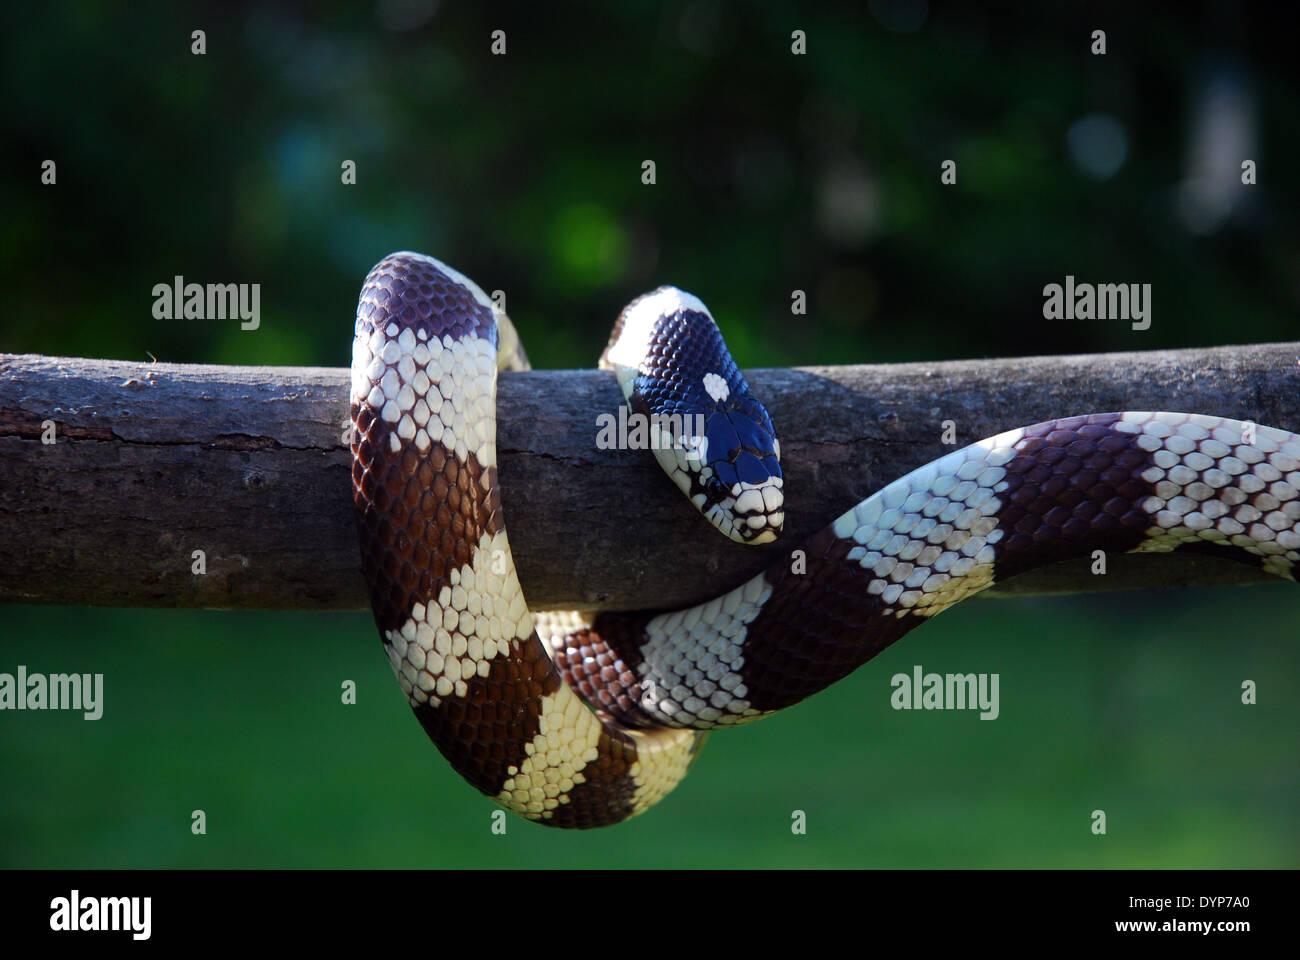 Blanco y negro serpiente rey de California colgado verticalmente en palo al aire libre con fondo verde. Imagen De Stock